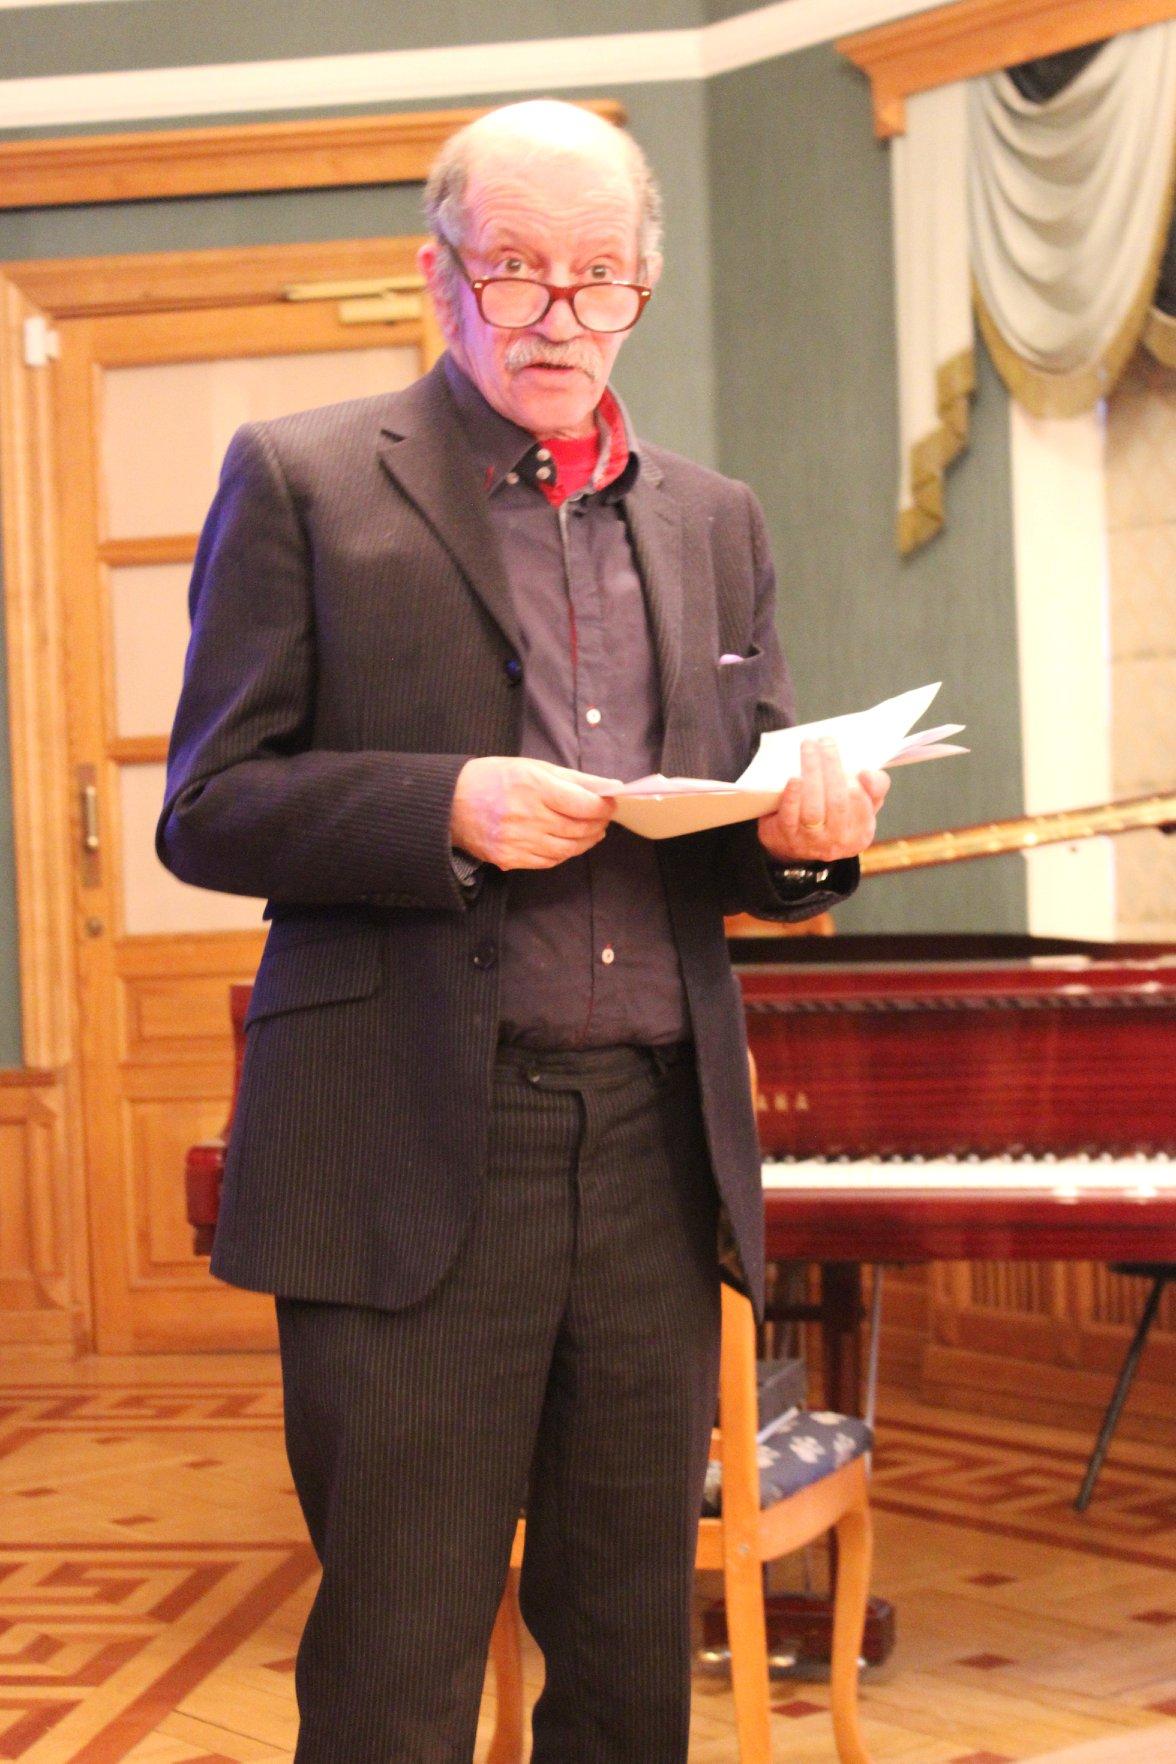 Поэт, актер, сценарист, теле- и радиоведущий, Вадим Жук